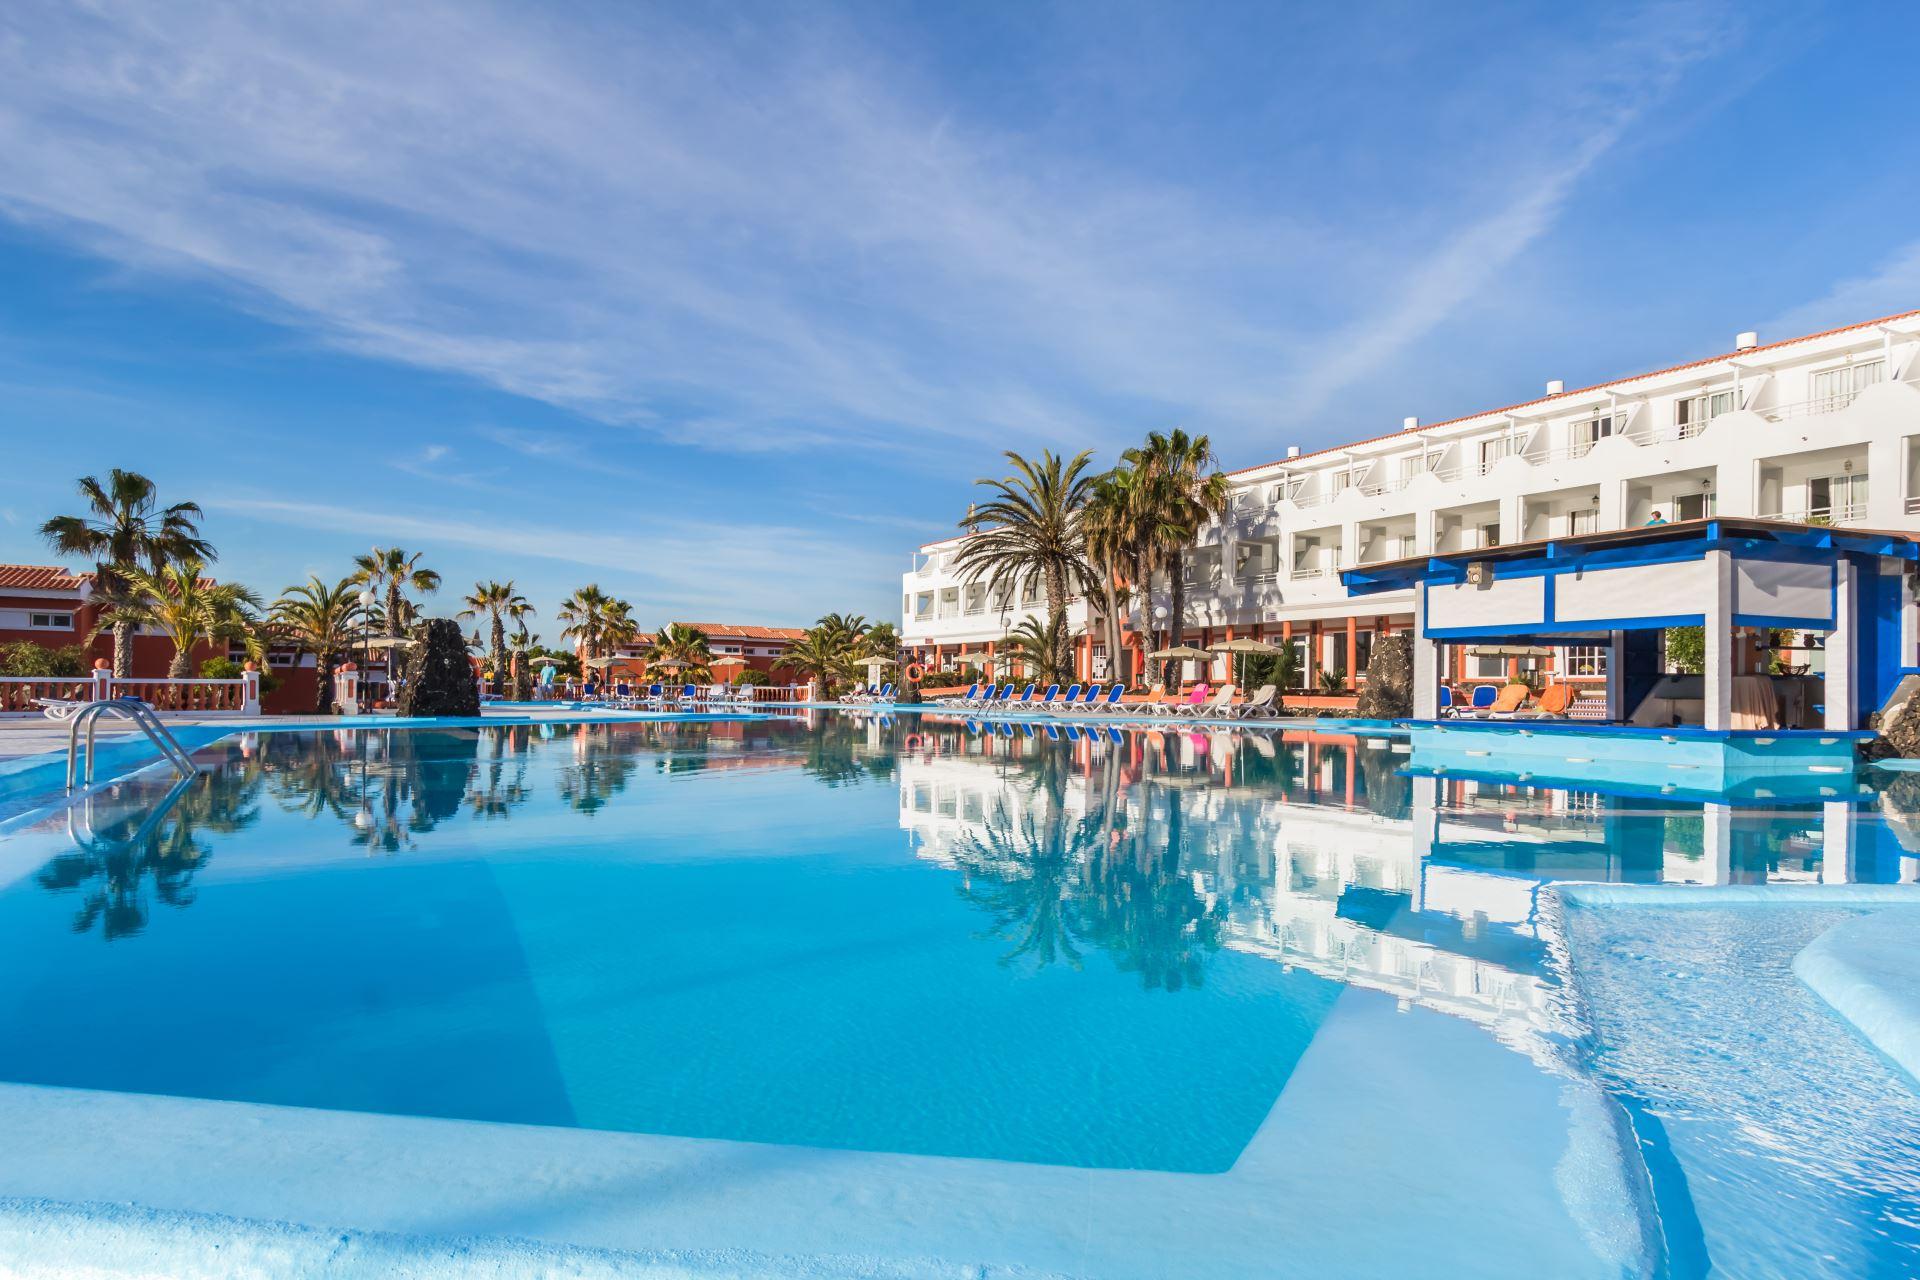 Najpiękniejsze plaże Kanarów skąpane w słońcu. Urlop z all inclusive na Fuerteventurze od 1625 zł